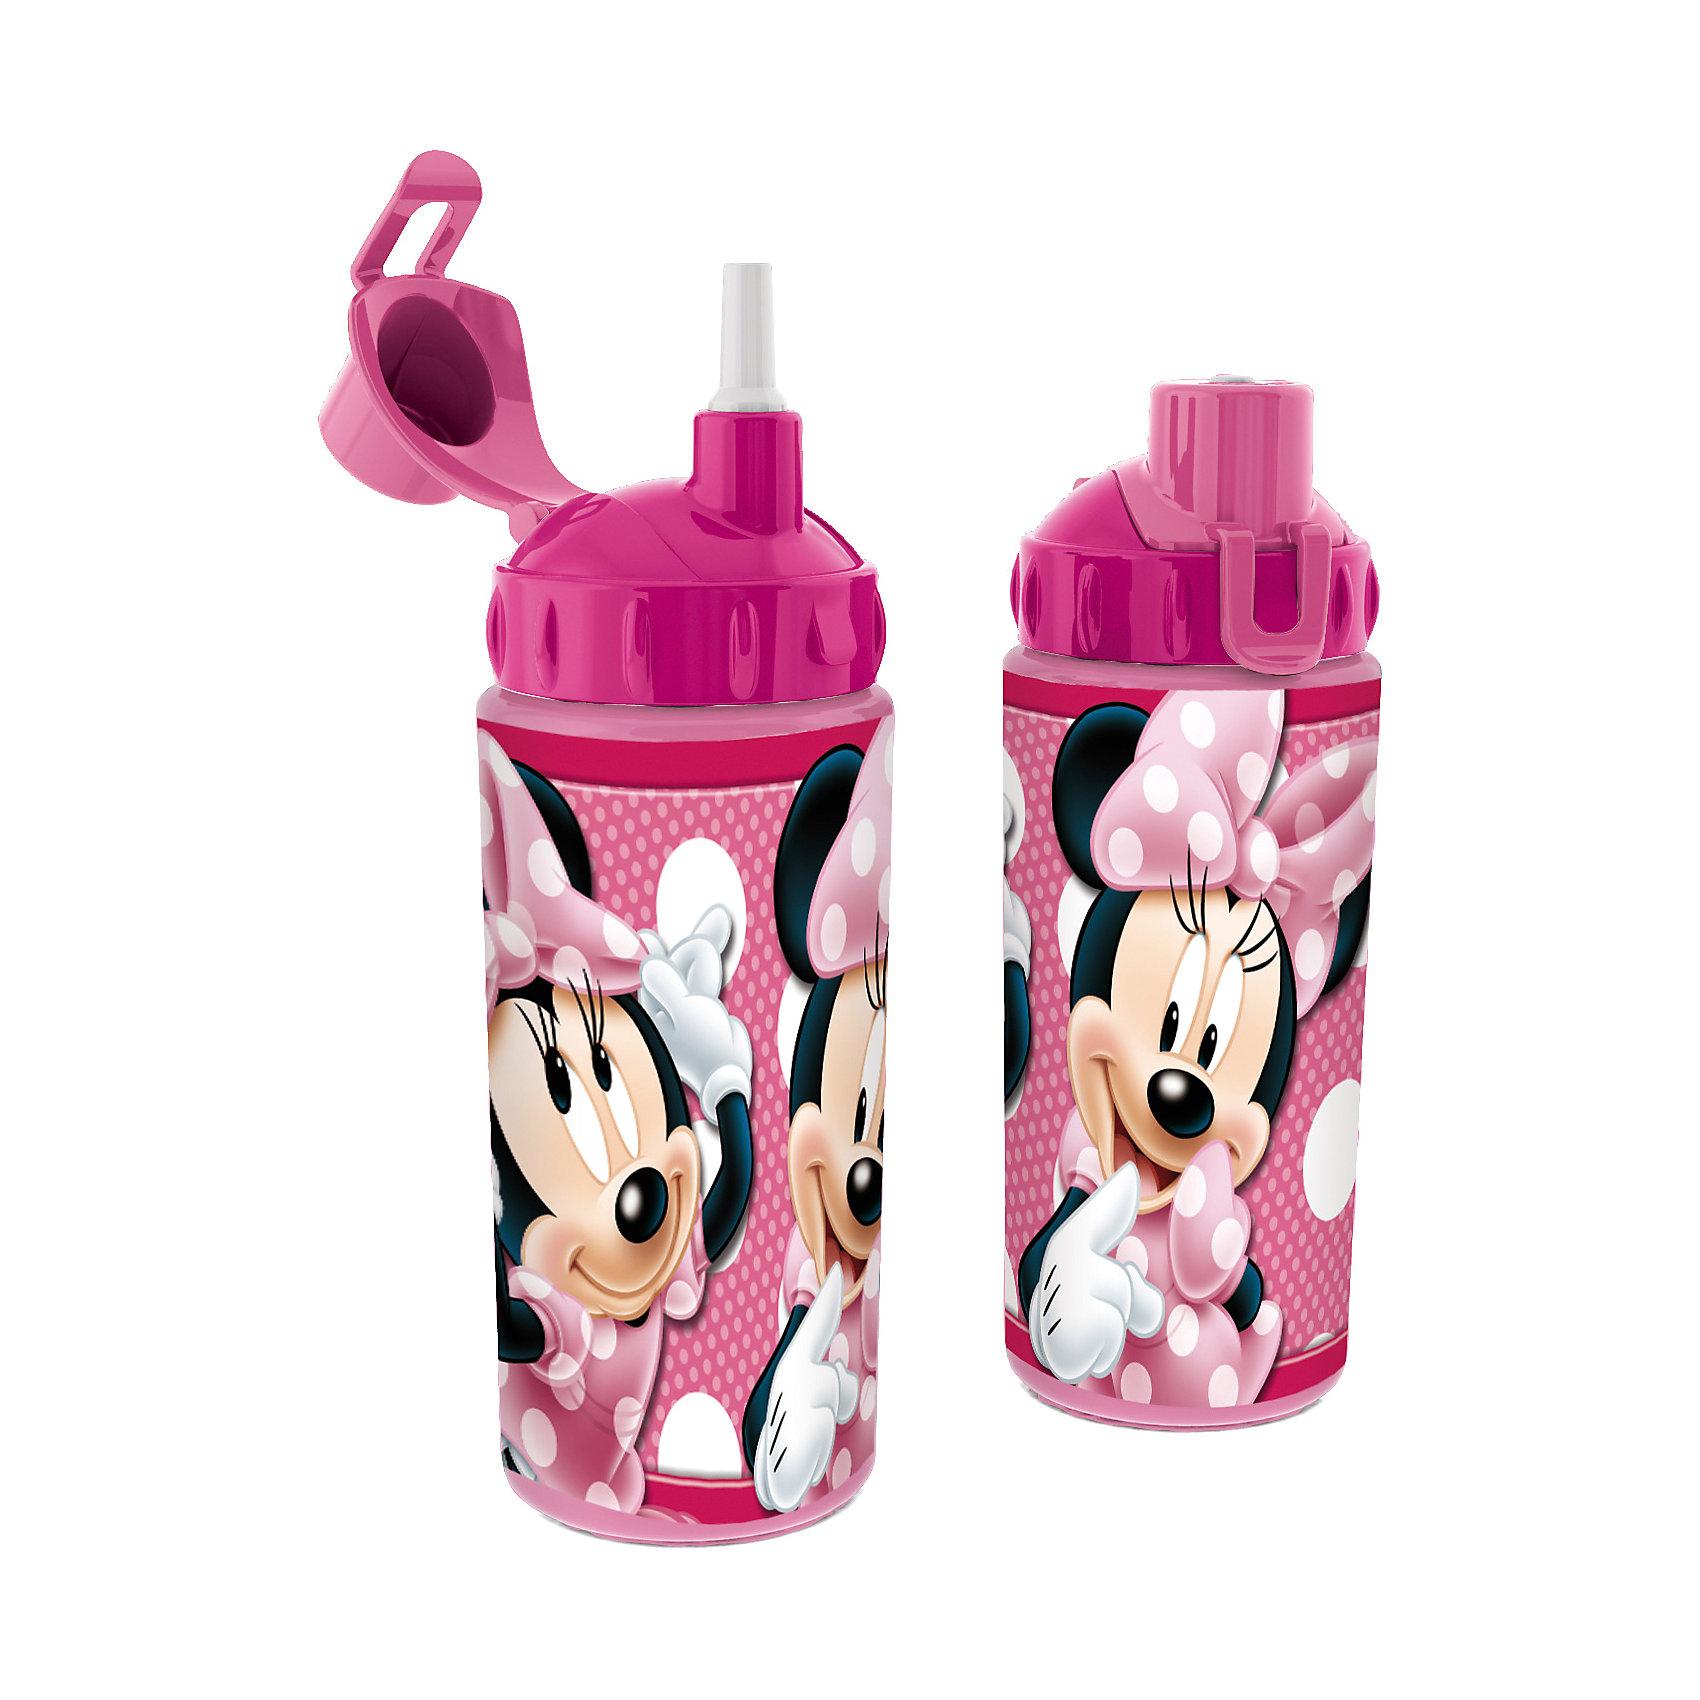 Бутылка спортивная с соломинкой (360 мл), Минни МаусВо время активных тренировок и долгих прогулок очень важно, чтобы ребенок потреблял достаточное количество жидкости. Спортивная бутылка Минни Маус (Minnie Mouse) непременно станет любимой у ребенка. Из яркой и удобной бутылочки с изображением любимицы всех детей мышки Минни, любой напиток будет еще вкуснее! Благодаря компактным размерам бутылку удобно брать в походы, поездки и в школу. Соломинка позволит пить даже на ходу! Носик бутылки закрывается крышечкой, которая препятствует загрязнению и жидкость никогда не прольется. Бутылочка выполнена из безопасных материалов - Вы можете не беспокоиться о здоровье ребенка. Родителей особенно порадует, что бутылку очень легко поддерживать в чистоте. Берите спортивную бутылку с соломинкой Минни Маус (Minnie Mouse) с собой в дорогу, на прогулку и Вы обязательно оцените ее удобство.<br><br>Дополнительная информация:<br><br>- С соломинкой;<br>- Носик с крышечкой;<br>- Особенно понравится поклонникам мультфильмов про Минни Маус (Minnie Mouse);<br>- Материал: высококачественный пластик;<br>- Объем: 360 мл;<br>- Размер: 18 х 7 х 7 см<br><br>Бутылку спортивную с соломинкой (360 мл), Минни Маус (Minnie Mouse), можно купить в нашем интернет-магазине.<br><br>Ширина мм: 65<br>Глубина мм: 65<br>Высота мм: 165<br>Вес г: 75<br>Возраст от месяцев: 36<br>Возраст до месяцев: 108<br>Пол: Женский<br>Возраст: Детский<br>SKU: 4088633